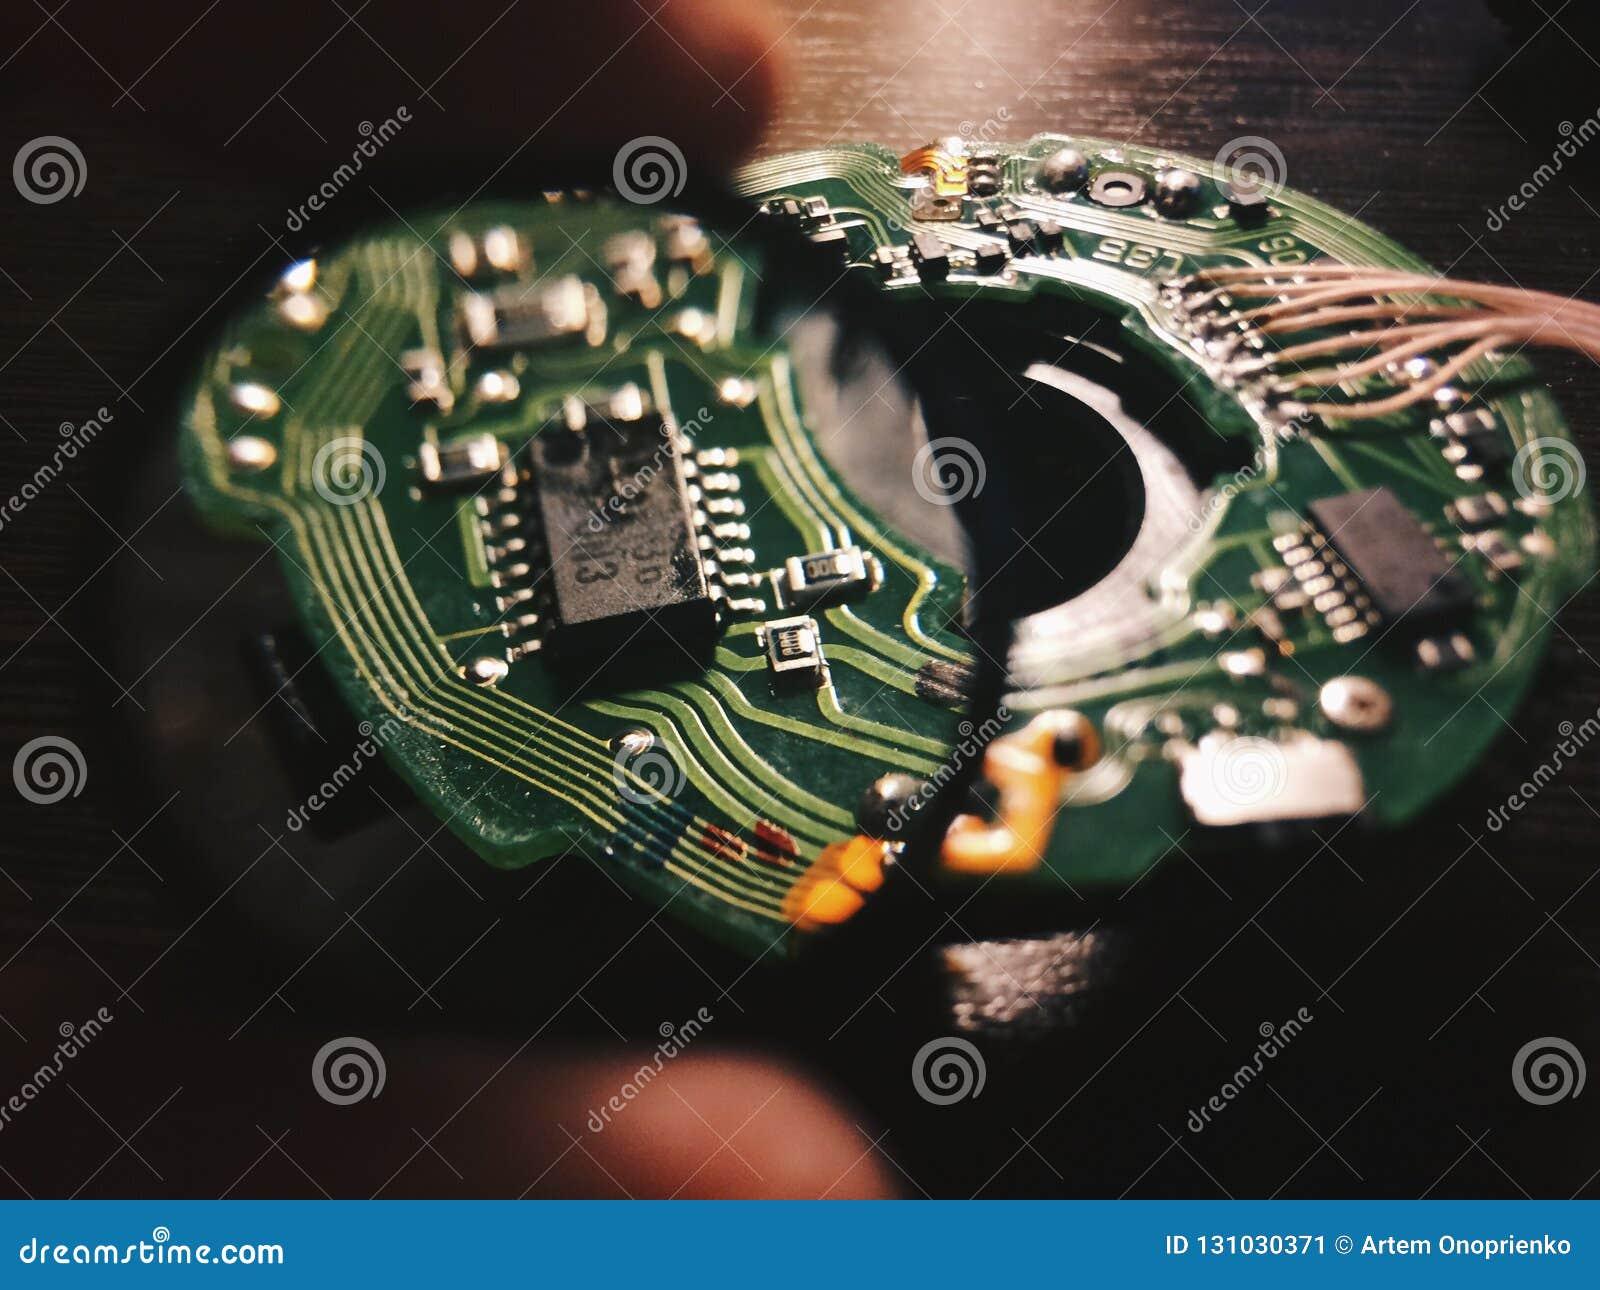 Lente dentro de la macro del lado trasero de una placa de circuito